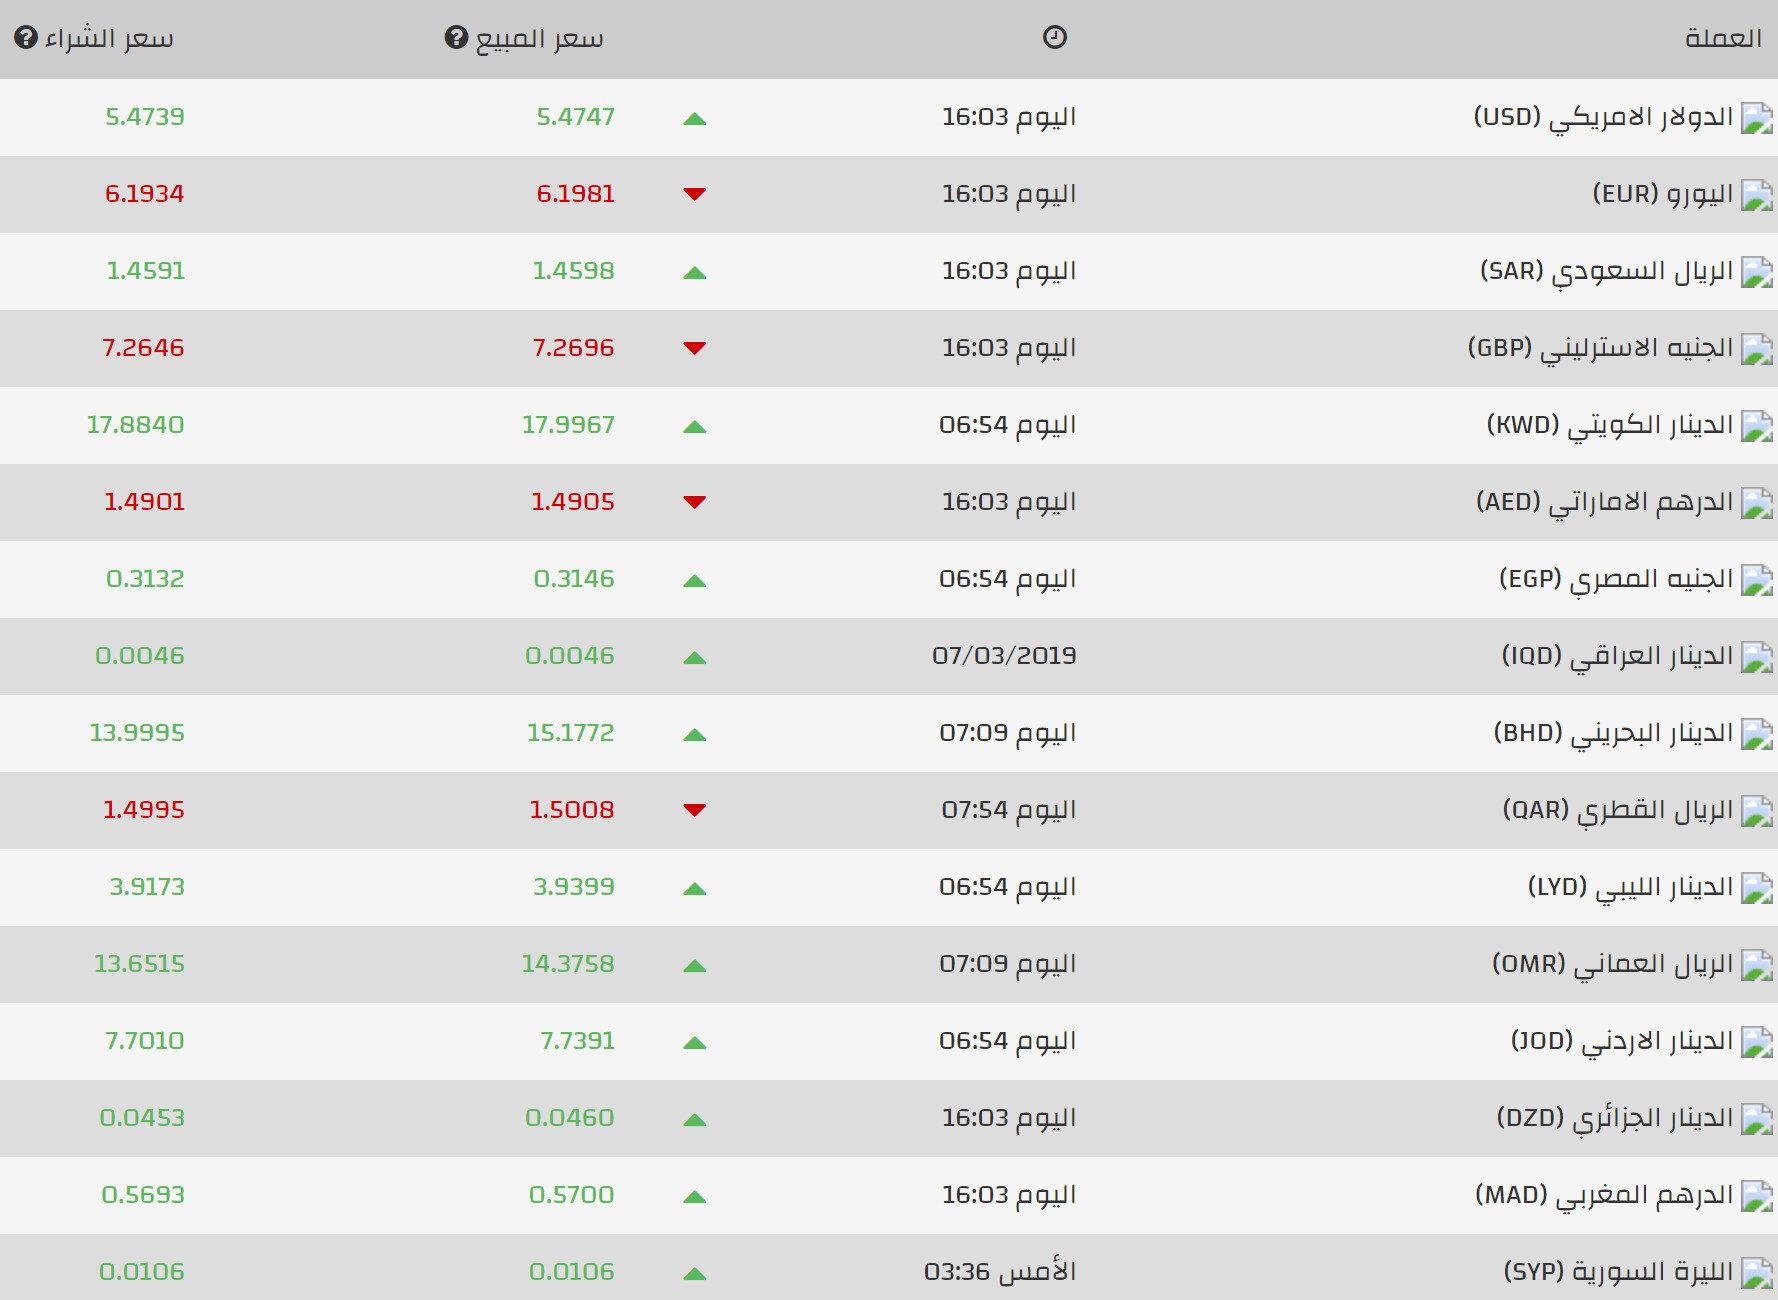 وهذه أسعار الليرة التركية أمام باقي العملات:n